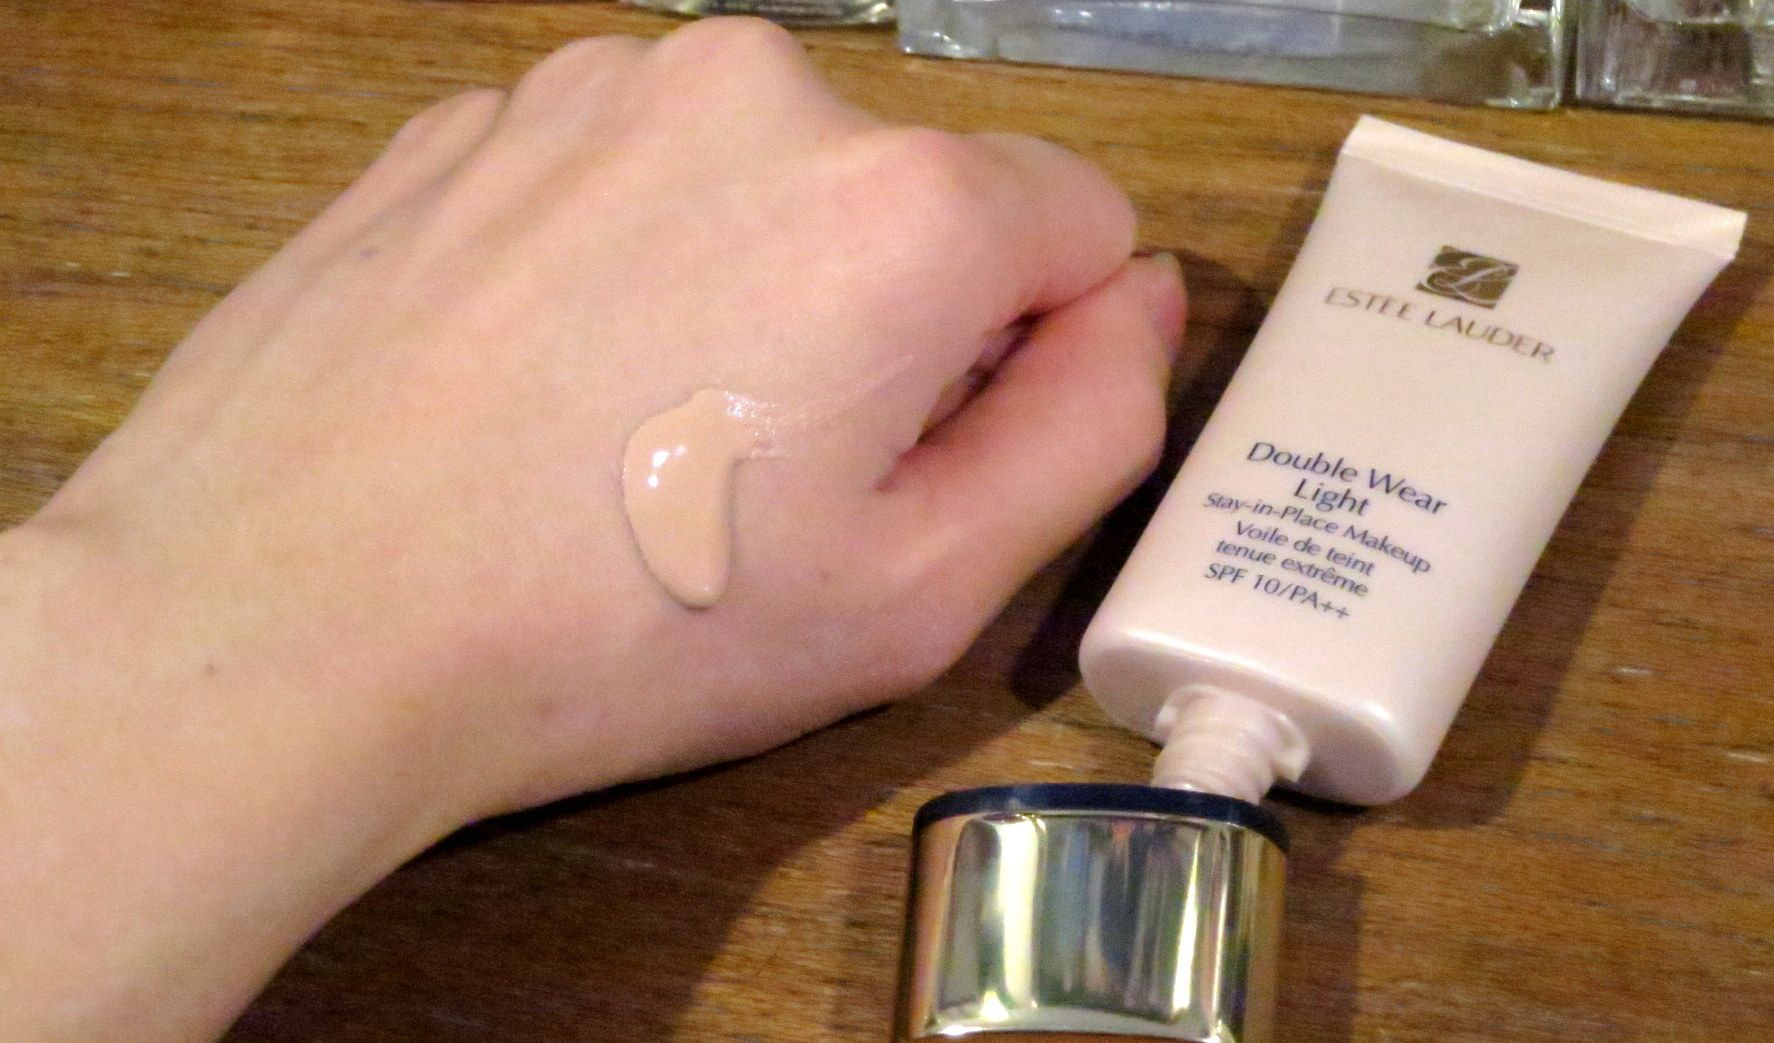 Review Estee Lauder Double Wear Light Makeup Spf10 Pa